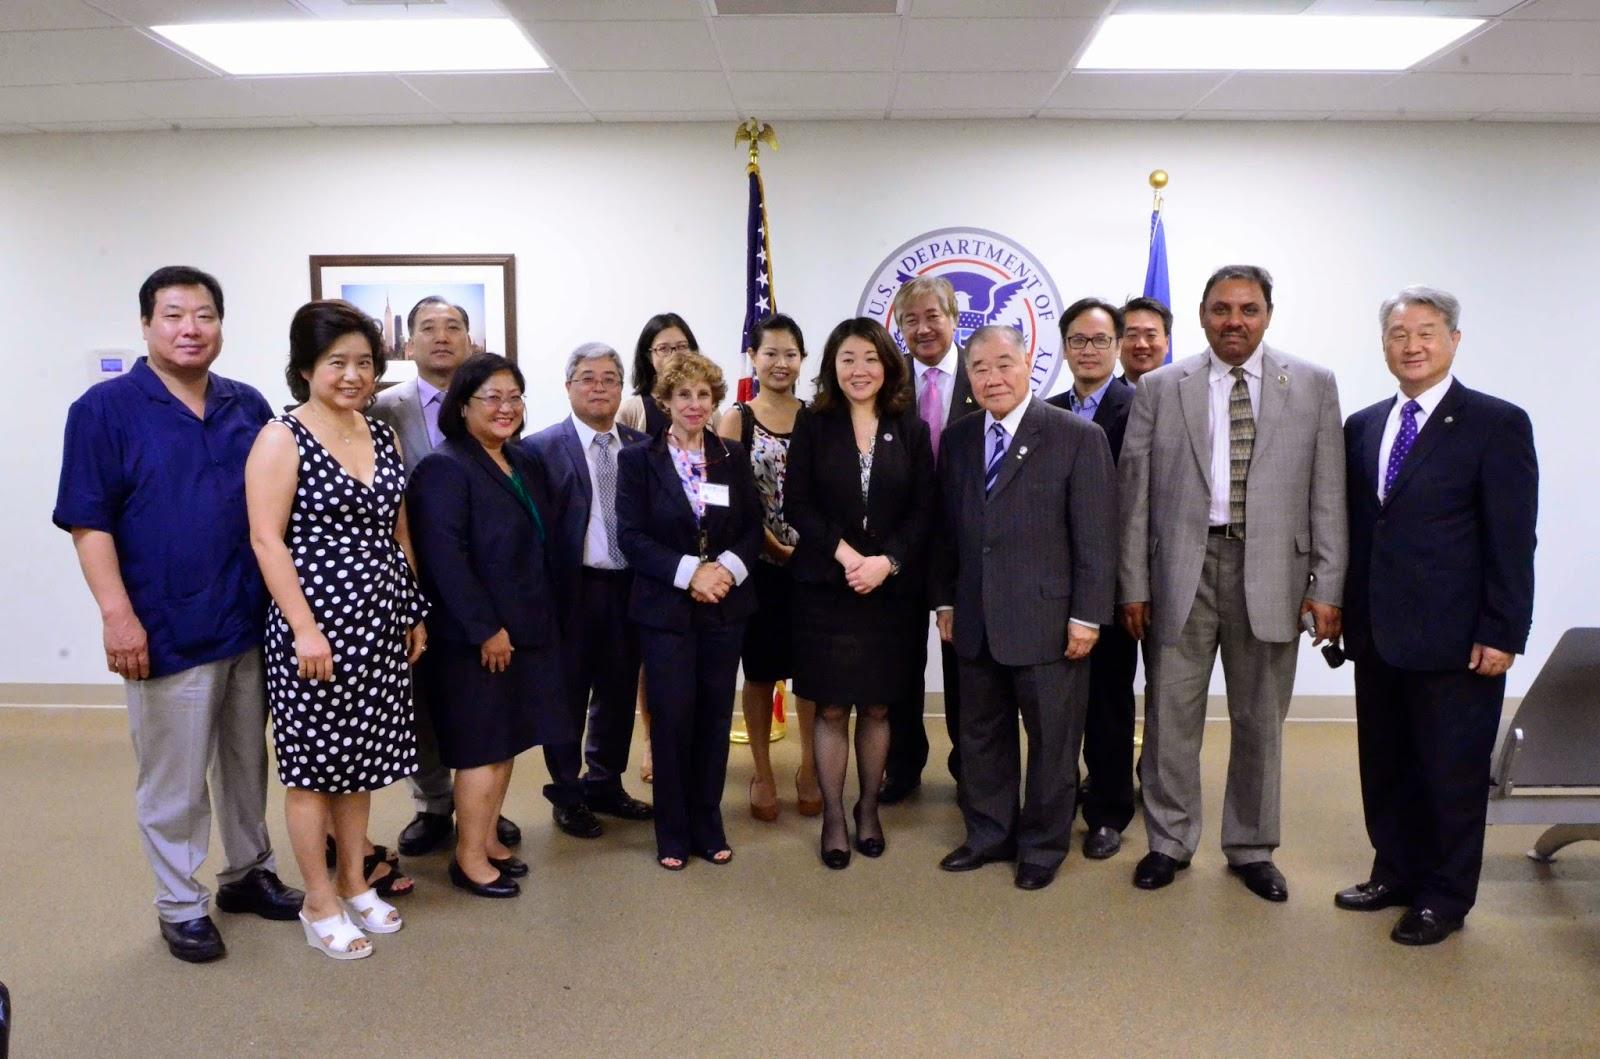 미국이민국 최초의 한국어 참여 행사 개최